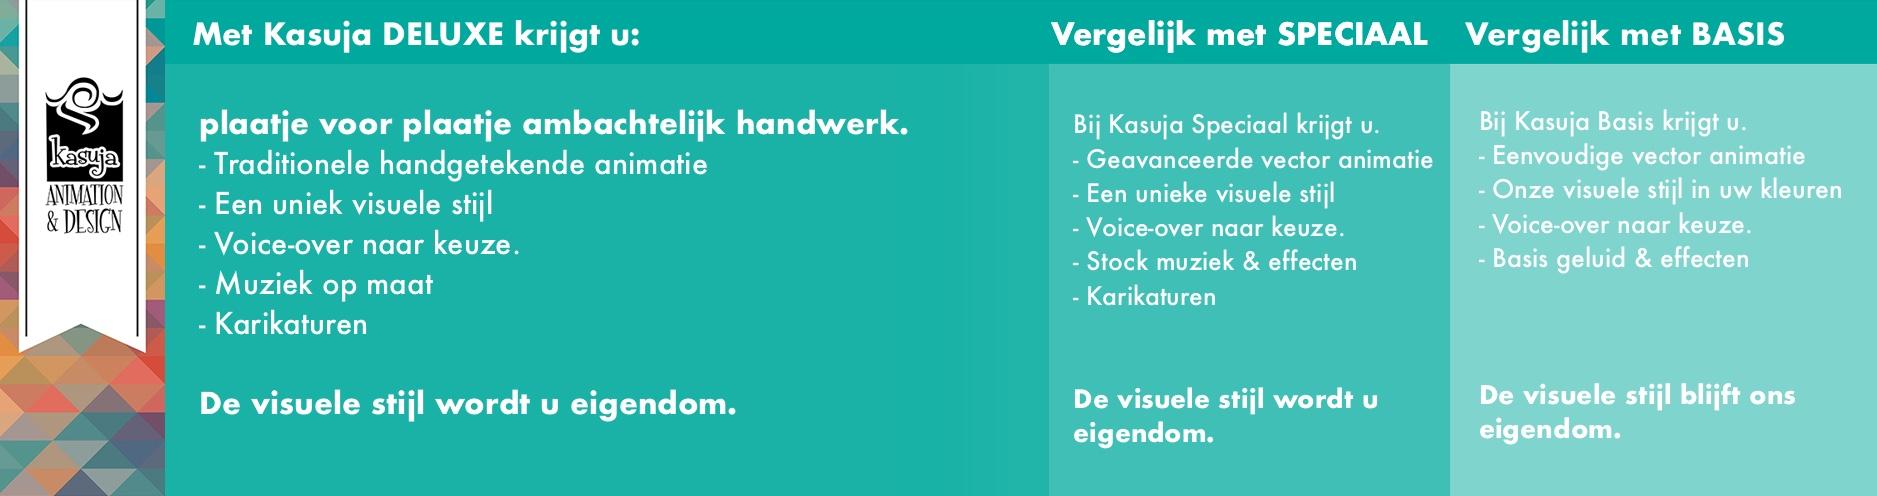 categorie_vergelijk_DELUXE.jpg